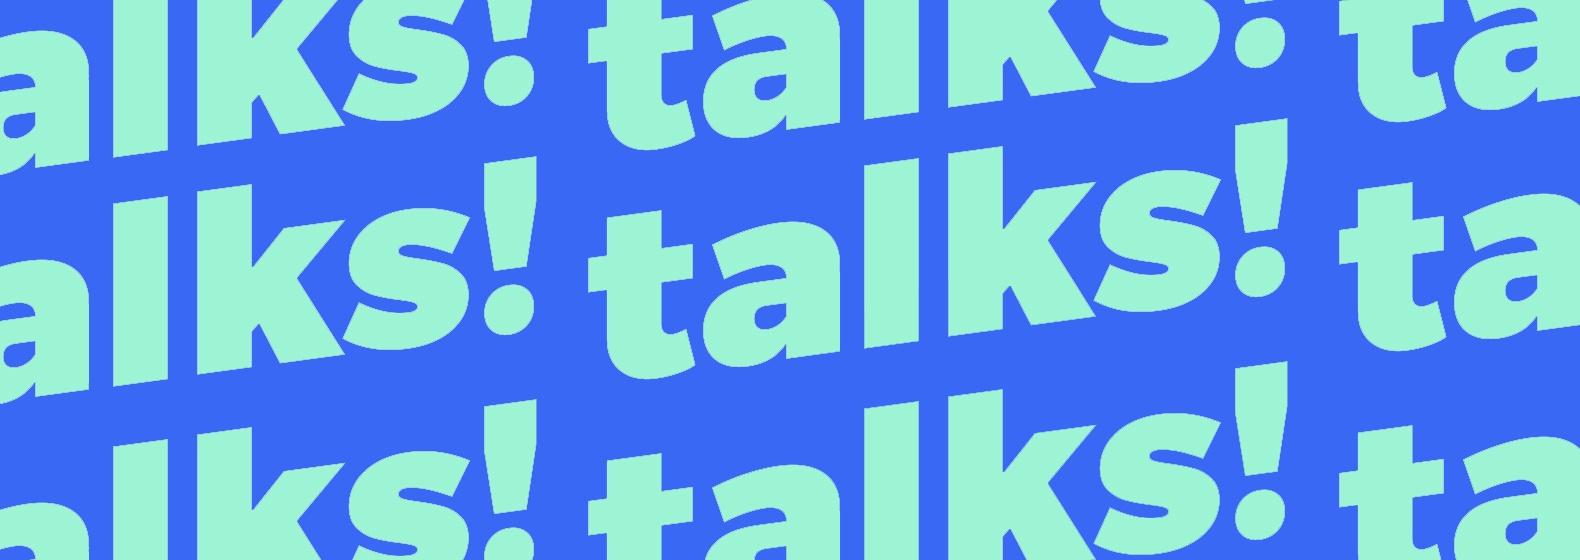 talks_ndeg2_banner_event_copie.jpg